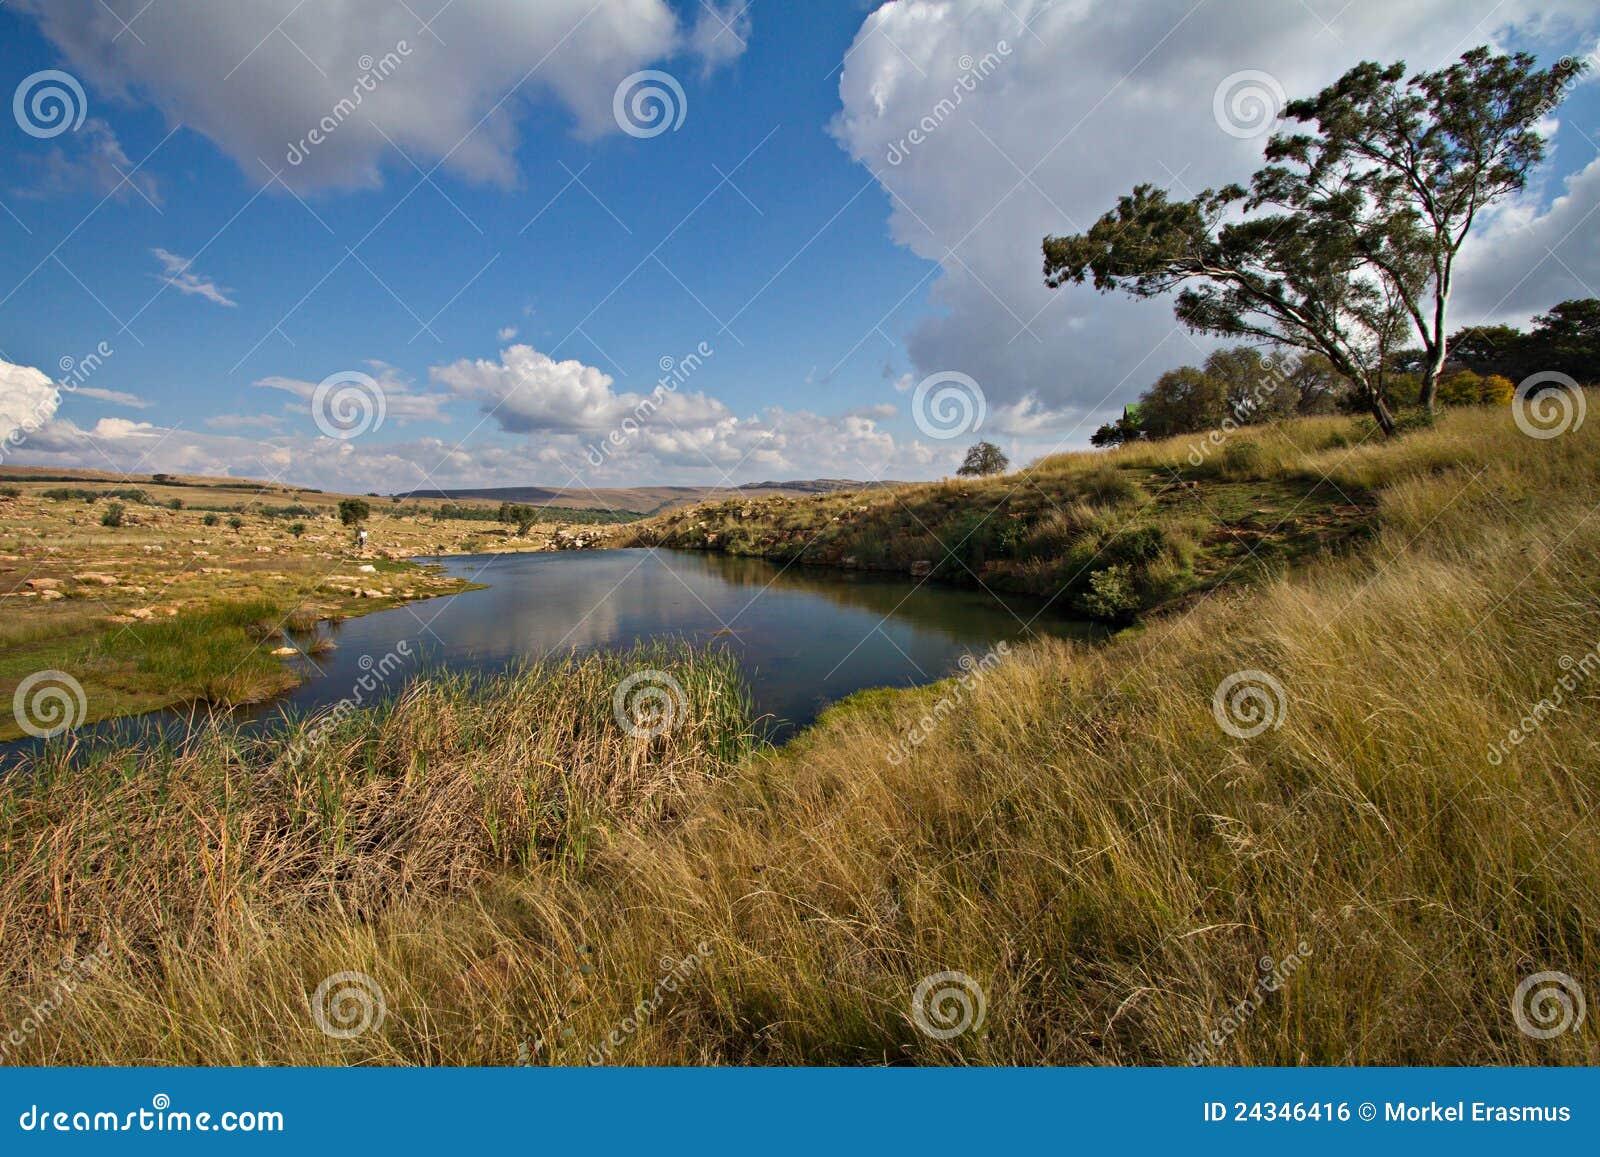 Lago tranquilo em Mpumalanga, África do Sul